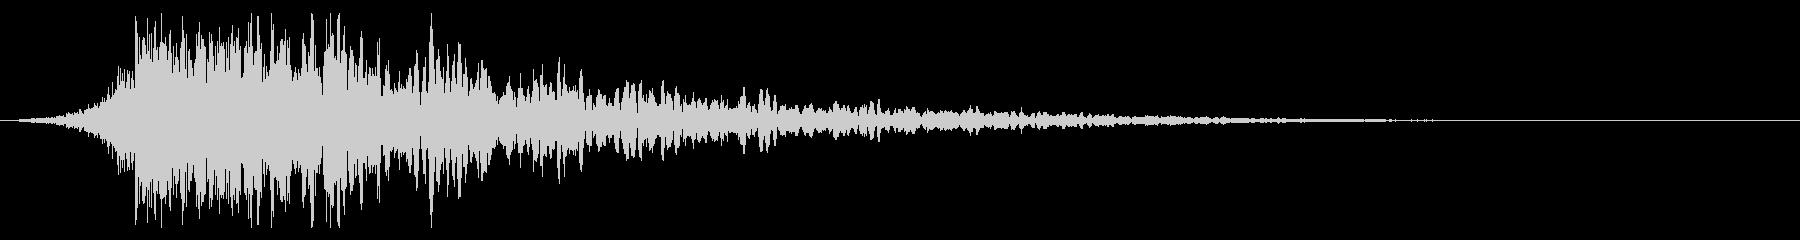 シュードーン-52-1(インパクト音)の未再生の波形